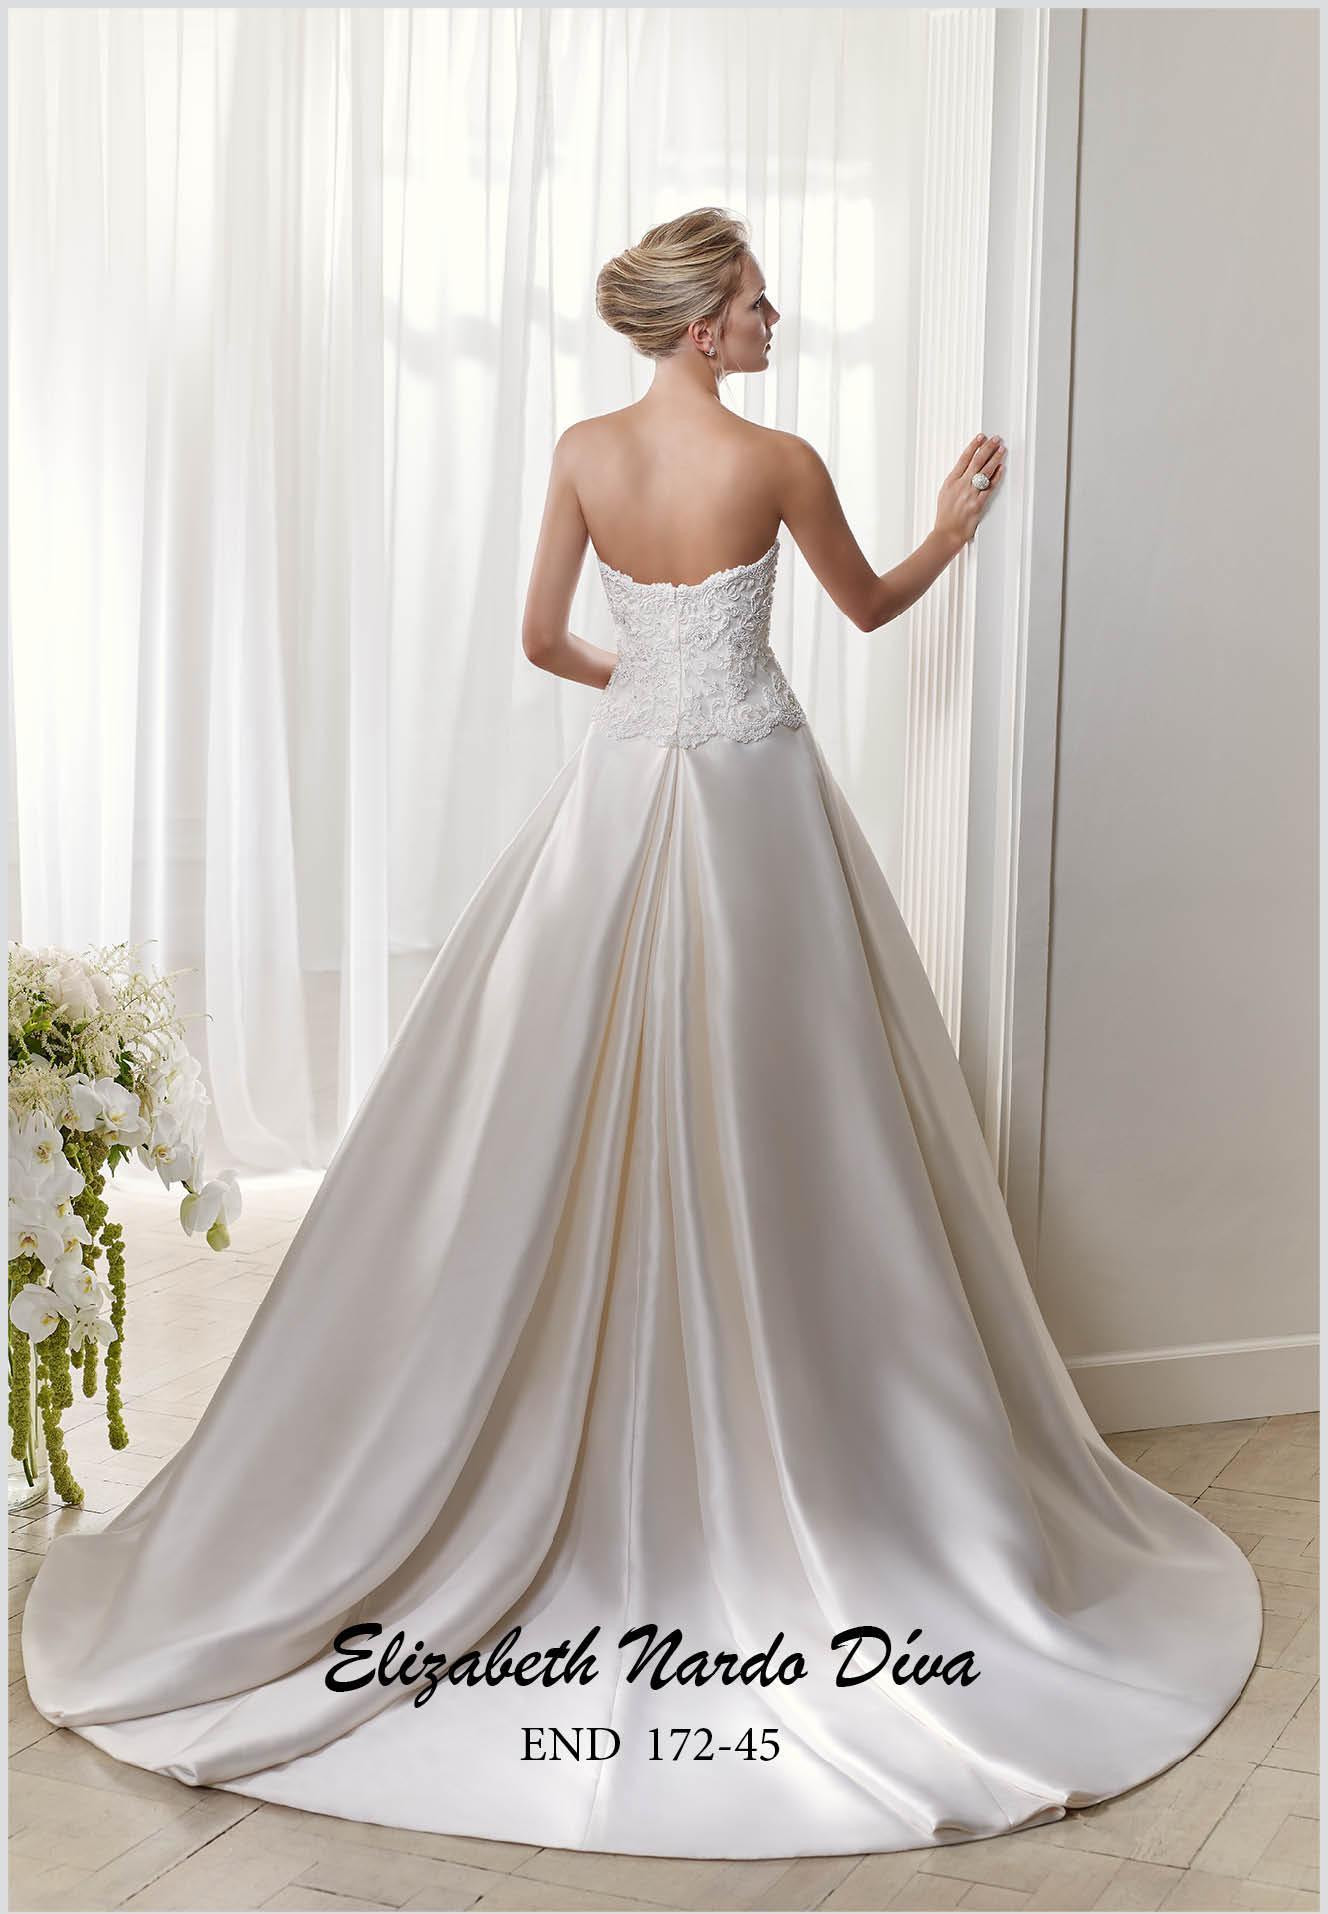 Menyasszonyi ruhák Elizabeth Nardo Paris - Menyasszonyi ruha ... 769374ff0a